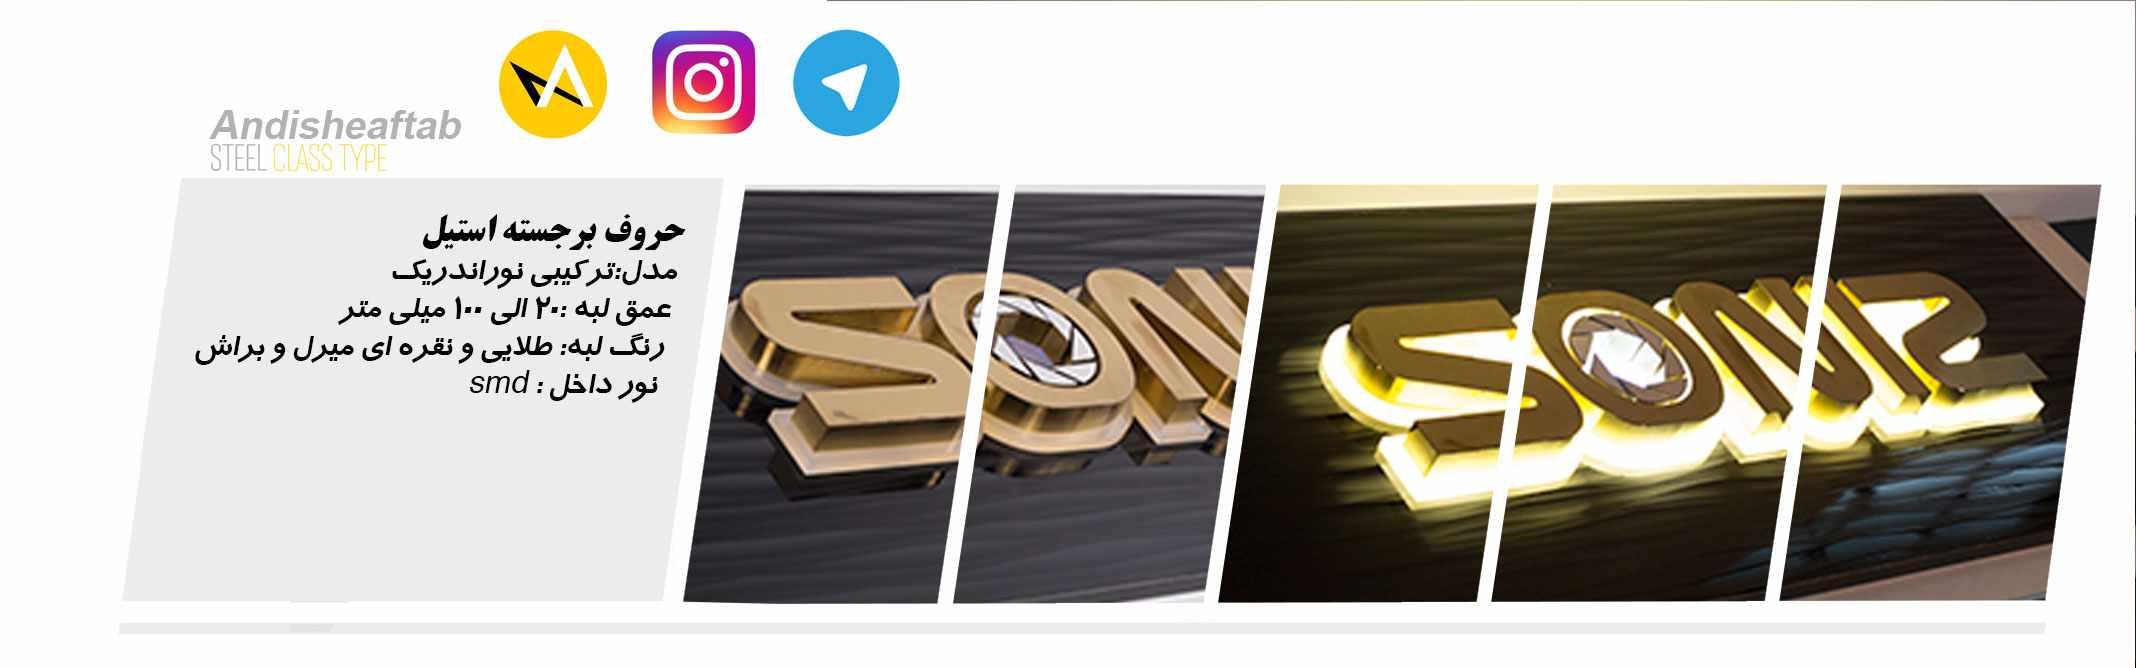 حروف  استیل رینگی ,تابلو استیل ،ساخت تابلو استیل ,تابلوسازی حروف استیل ,تابلو حروف برجسته ,ساخت تابلوحروف برجسته ,ساخت حروف استیل دوبل ,حروف برجسته استیل تهران ,تابلوسازی حروف برجسته سه بعدی ,تابلوساز حروف برجسته سه بعدی ,حروف برجسته چلنیوم